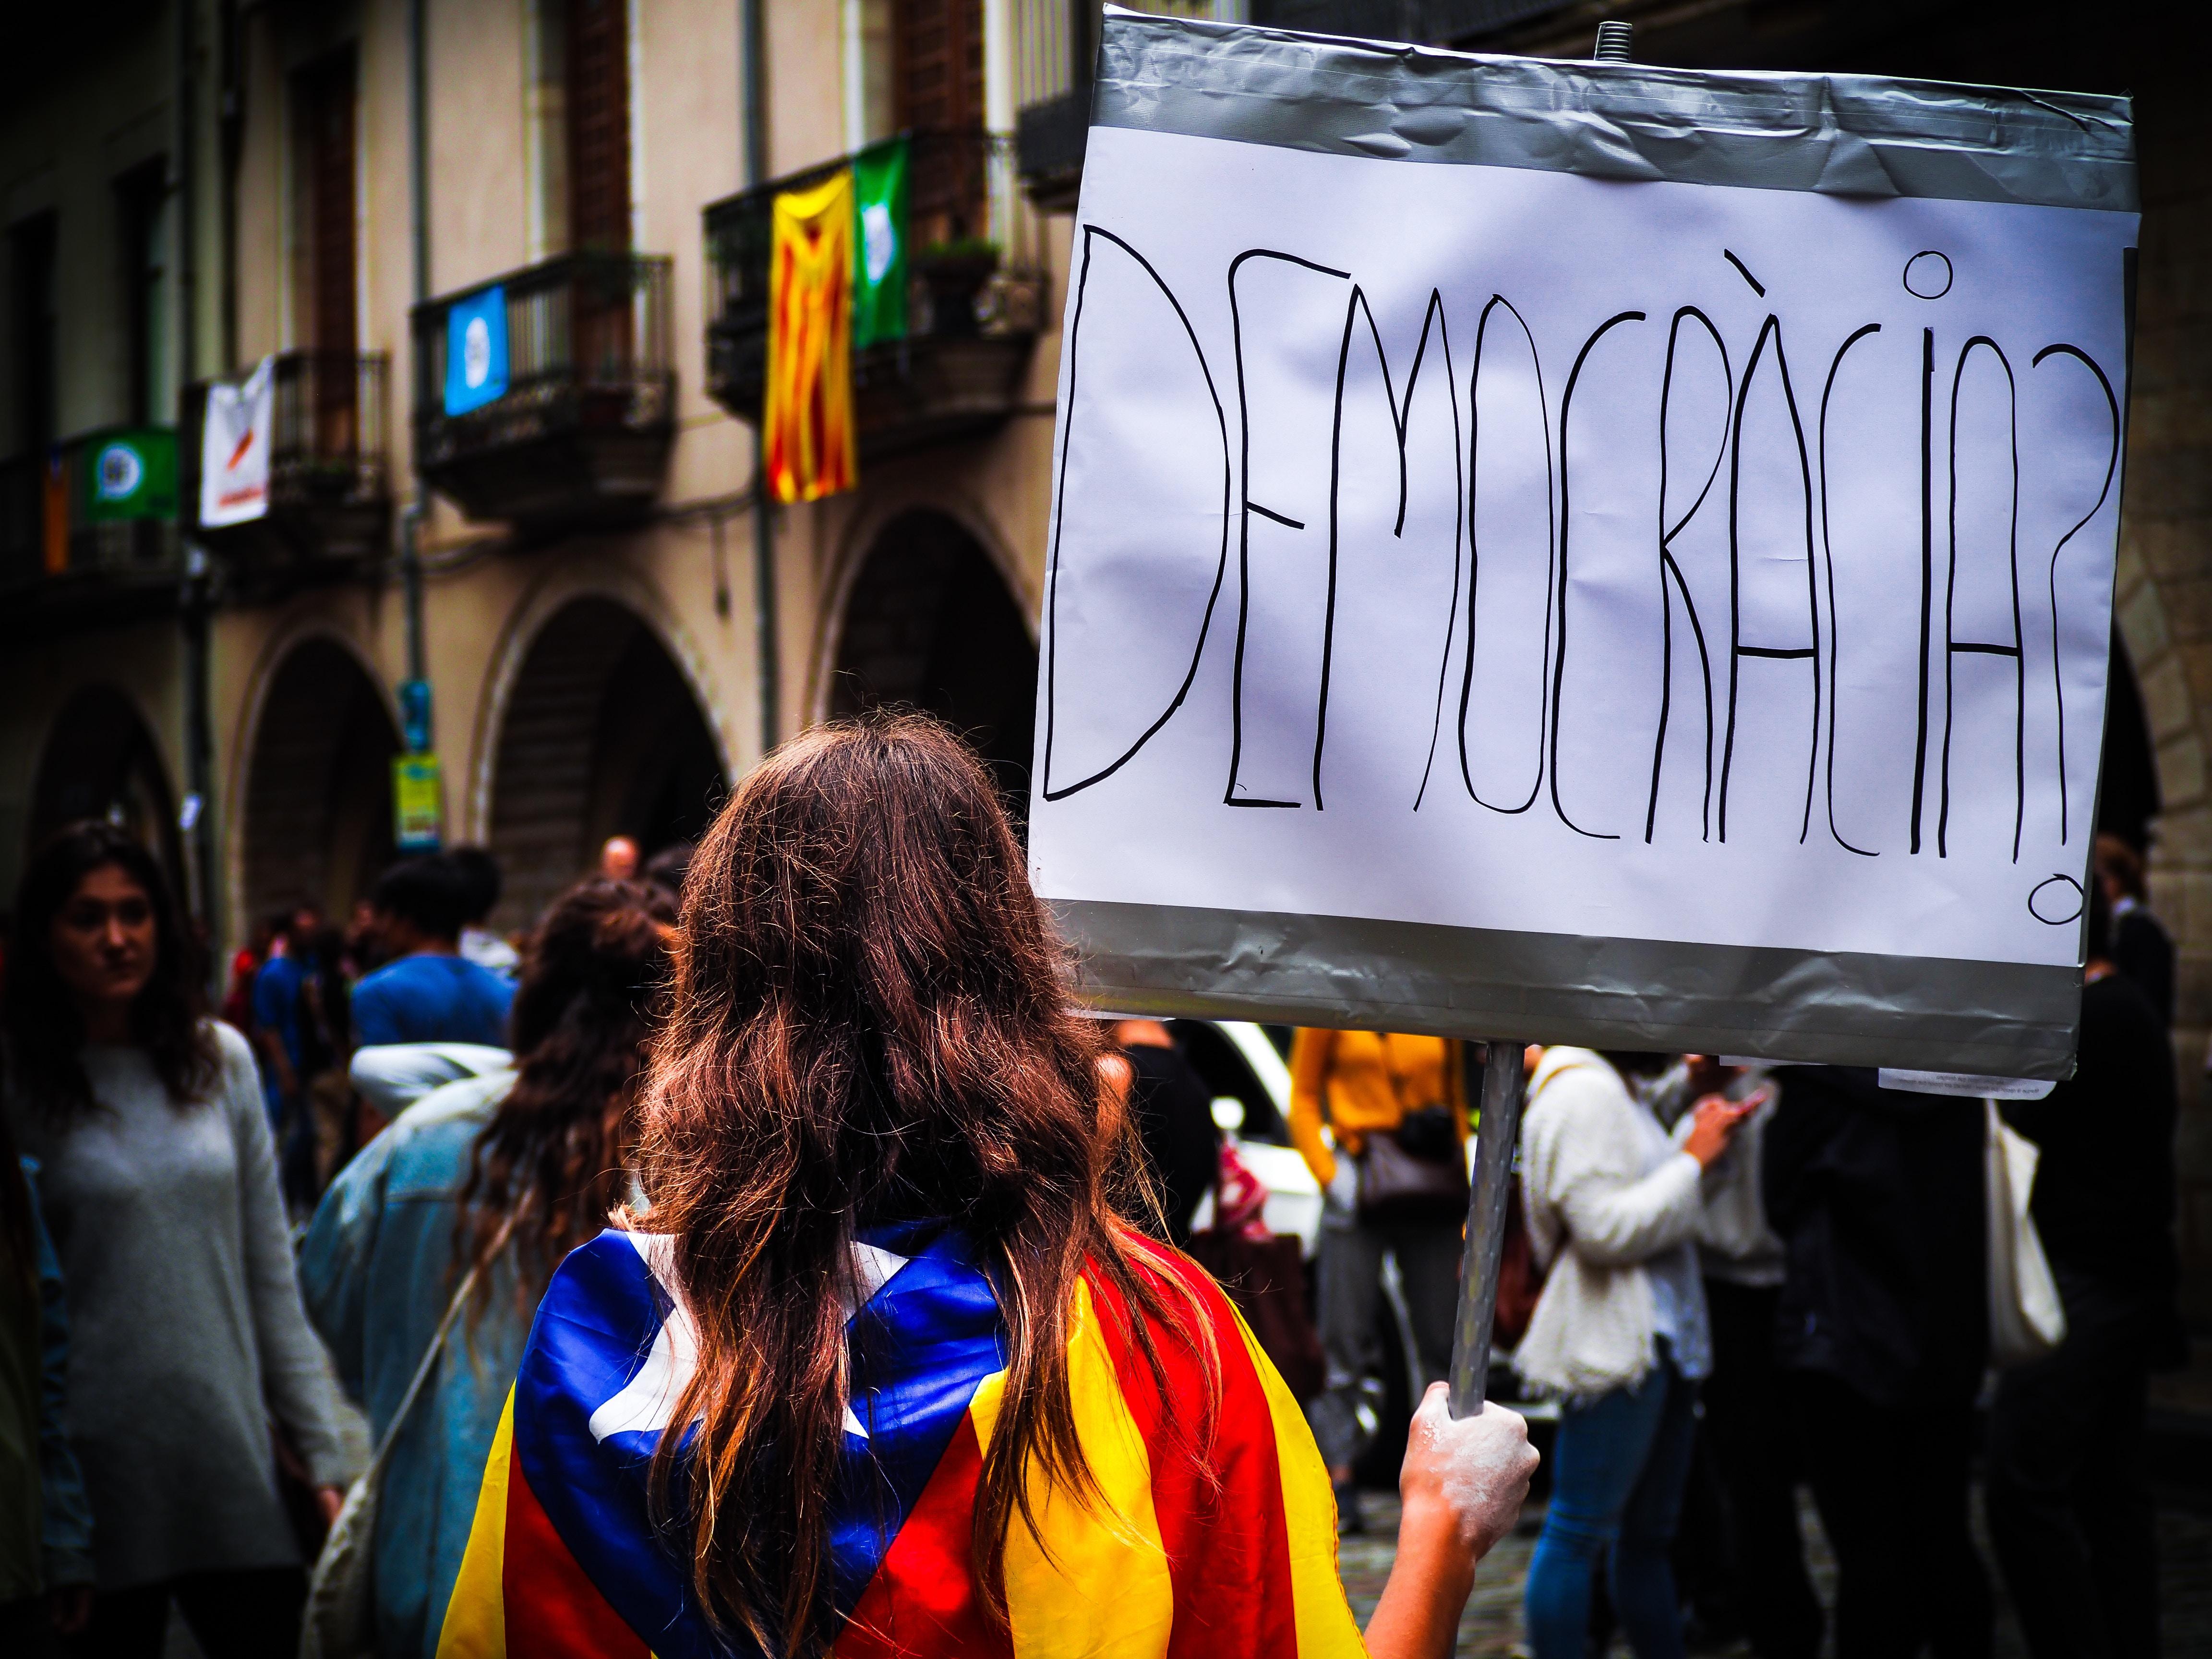 Catalogna: il referendum non è costituzionale, quali sono le alternative?